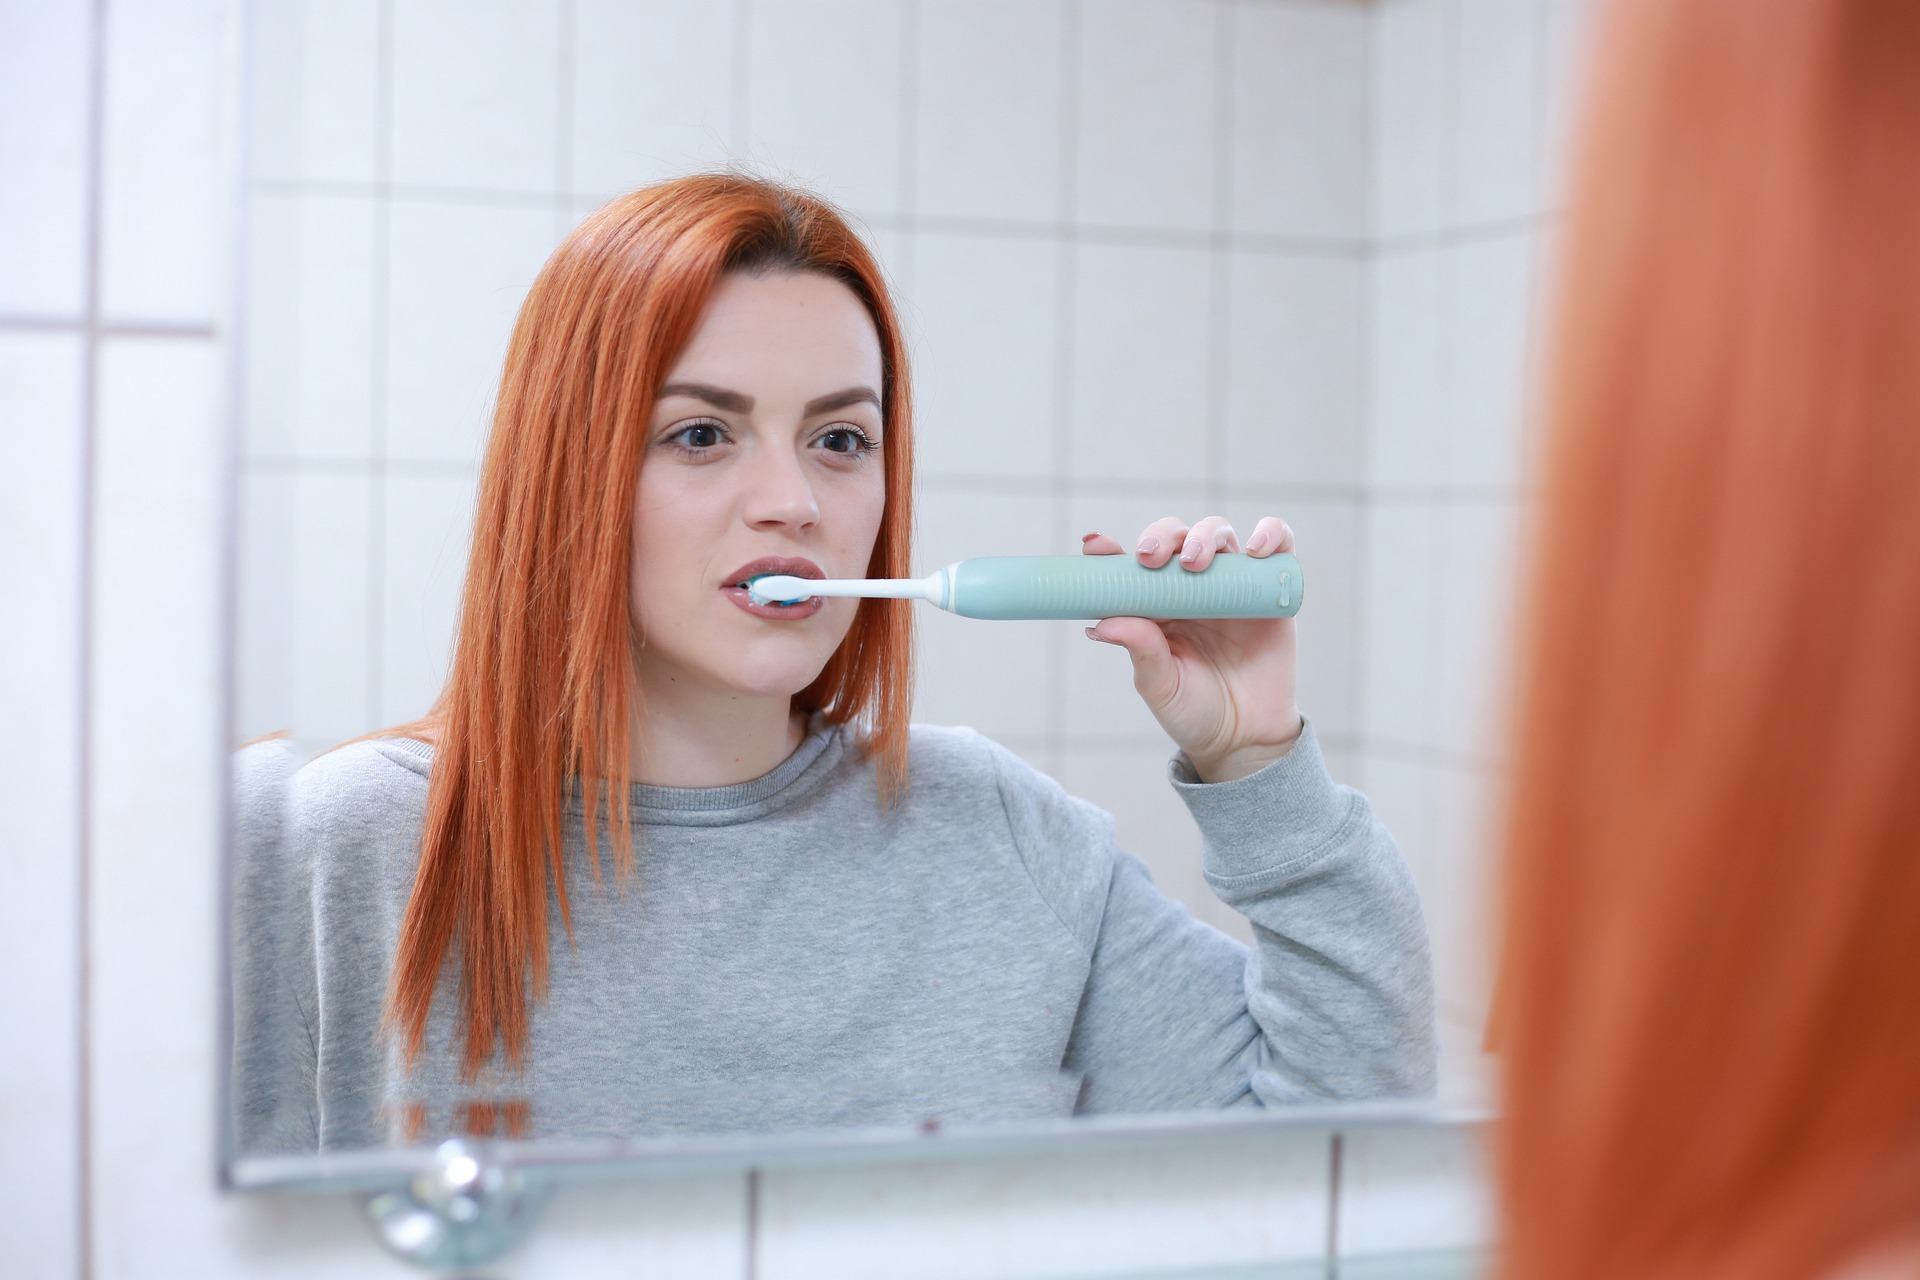 Ingat! Gosok gigi sebelum tidur